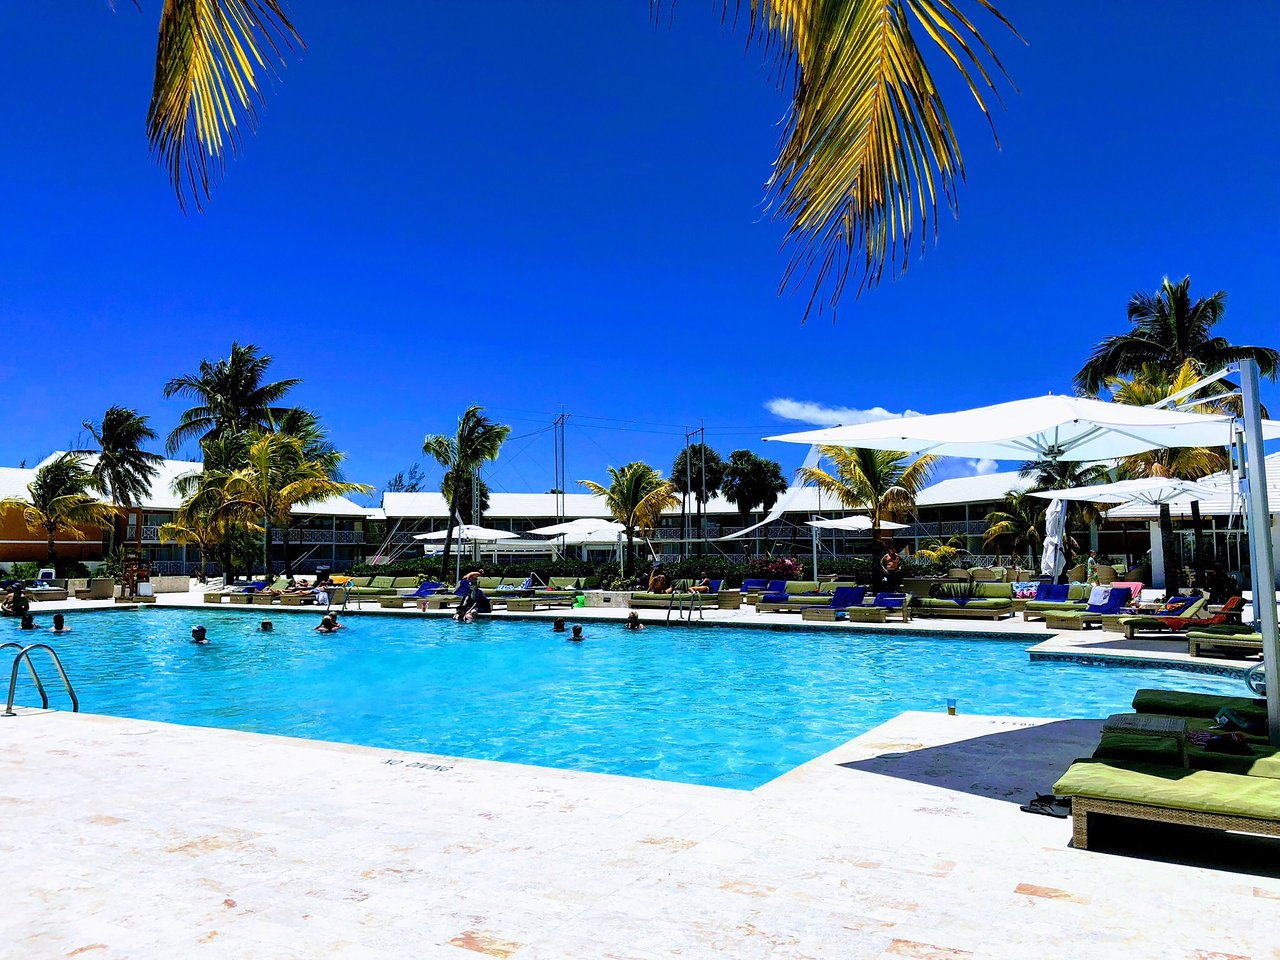 Viva_Wyndham_Fortuna_Beach_Pool_0894a293ba.jpg